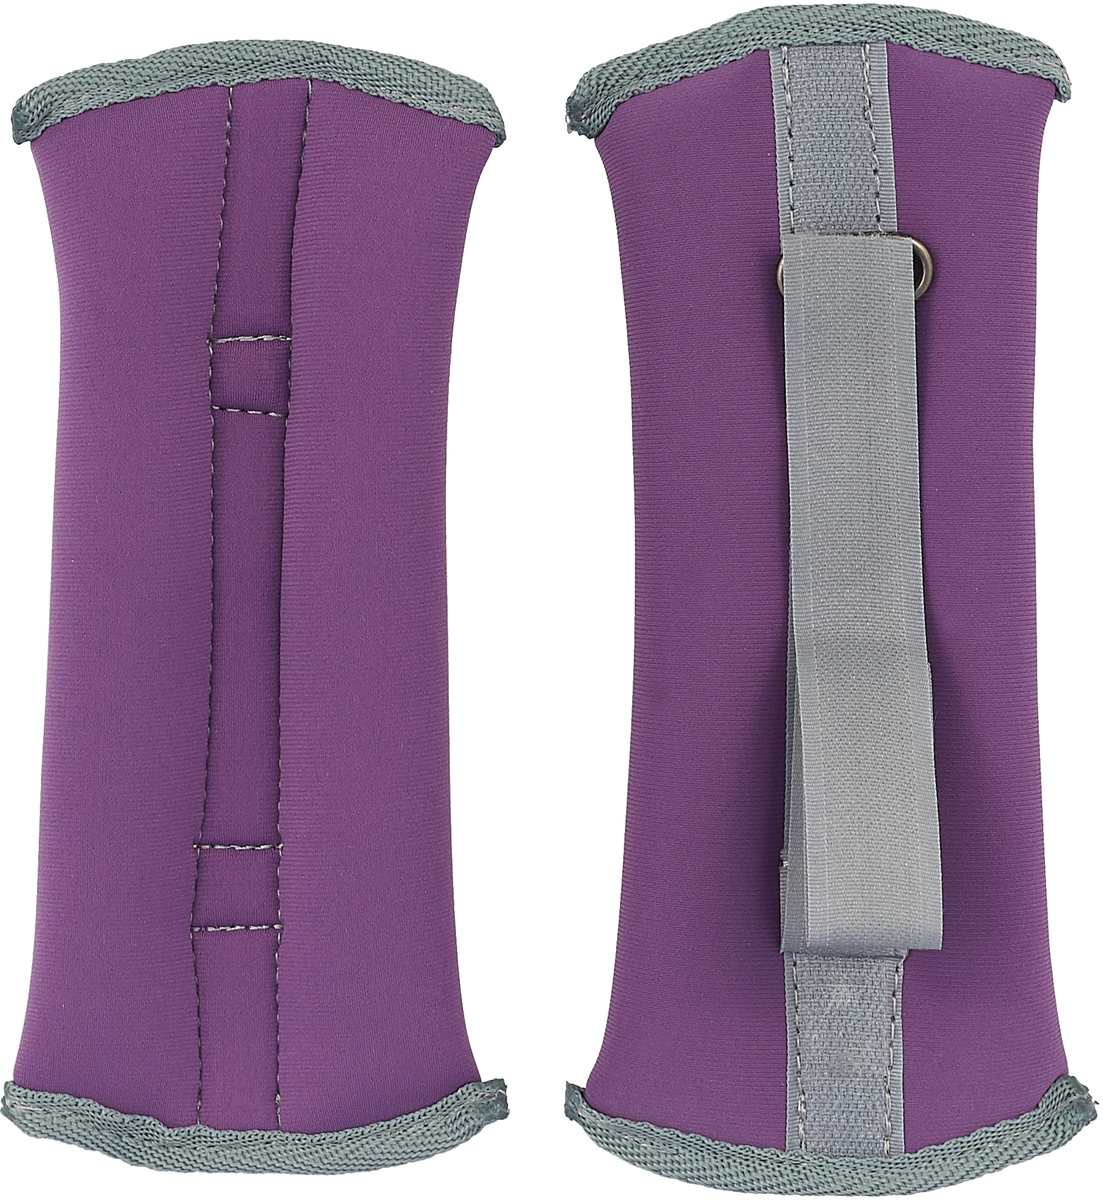 Утяжелитель спортивный Indigo Неопреновые, цвет: фиолетовый, 0,3 кг, 2 шт утяжелитель браслет для рук и ног indigo цвет красный 0 2 кг 2 шт